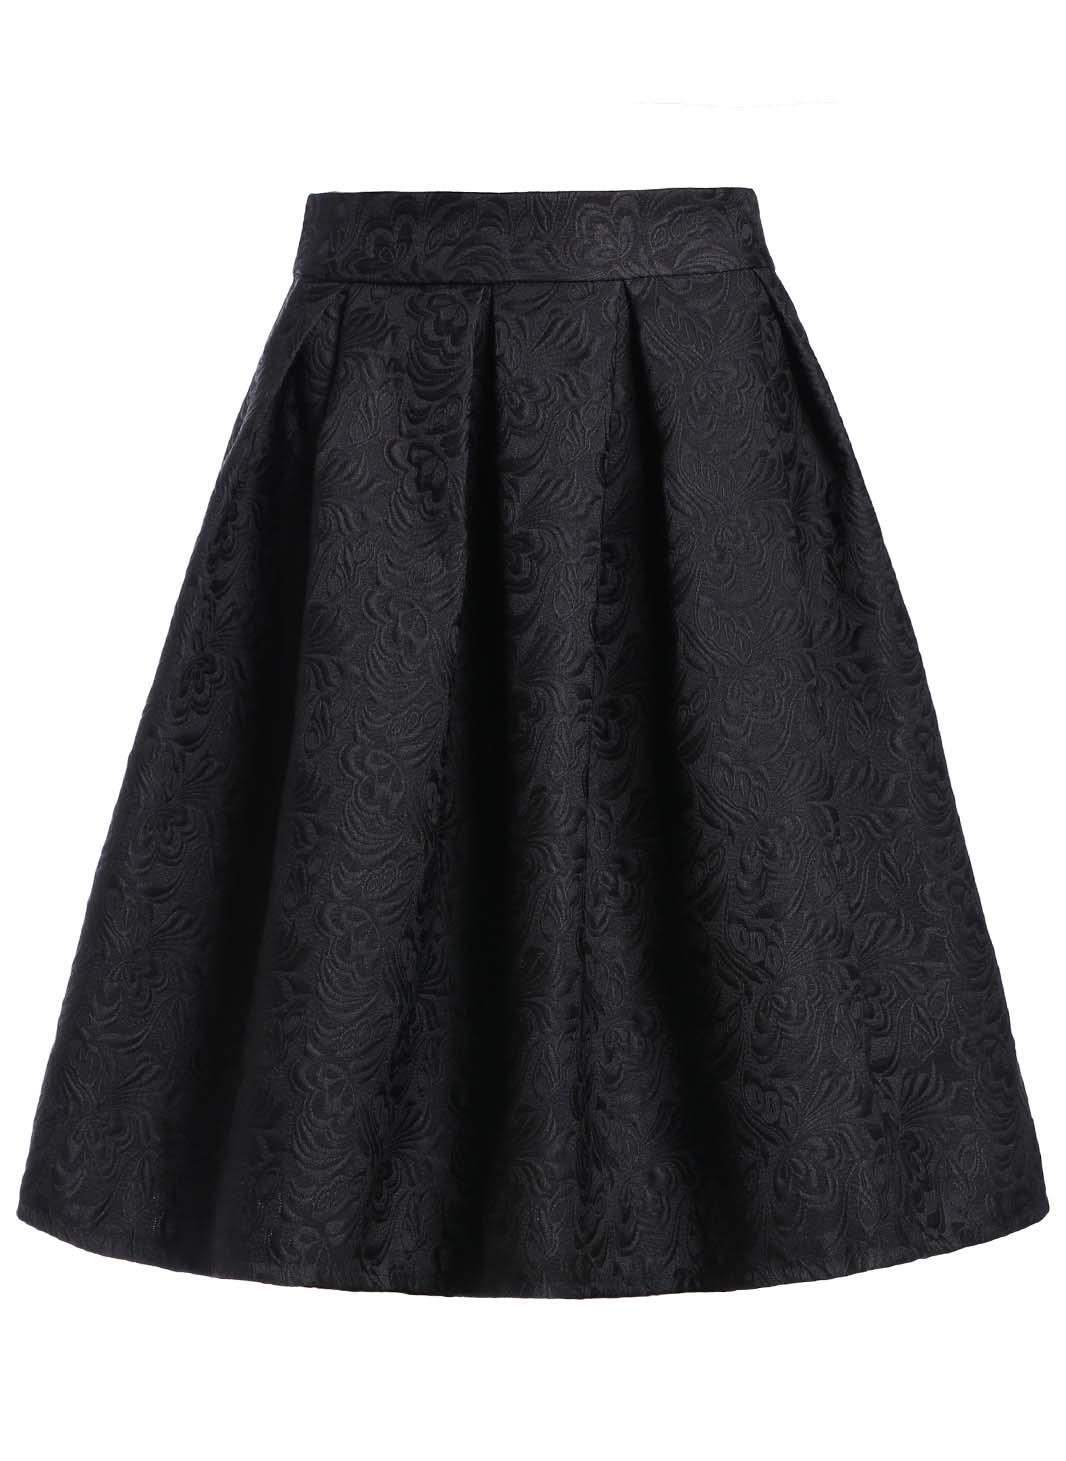 Jacquard Black Midi Skirt